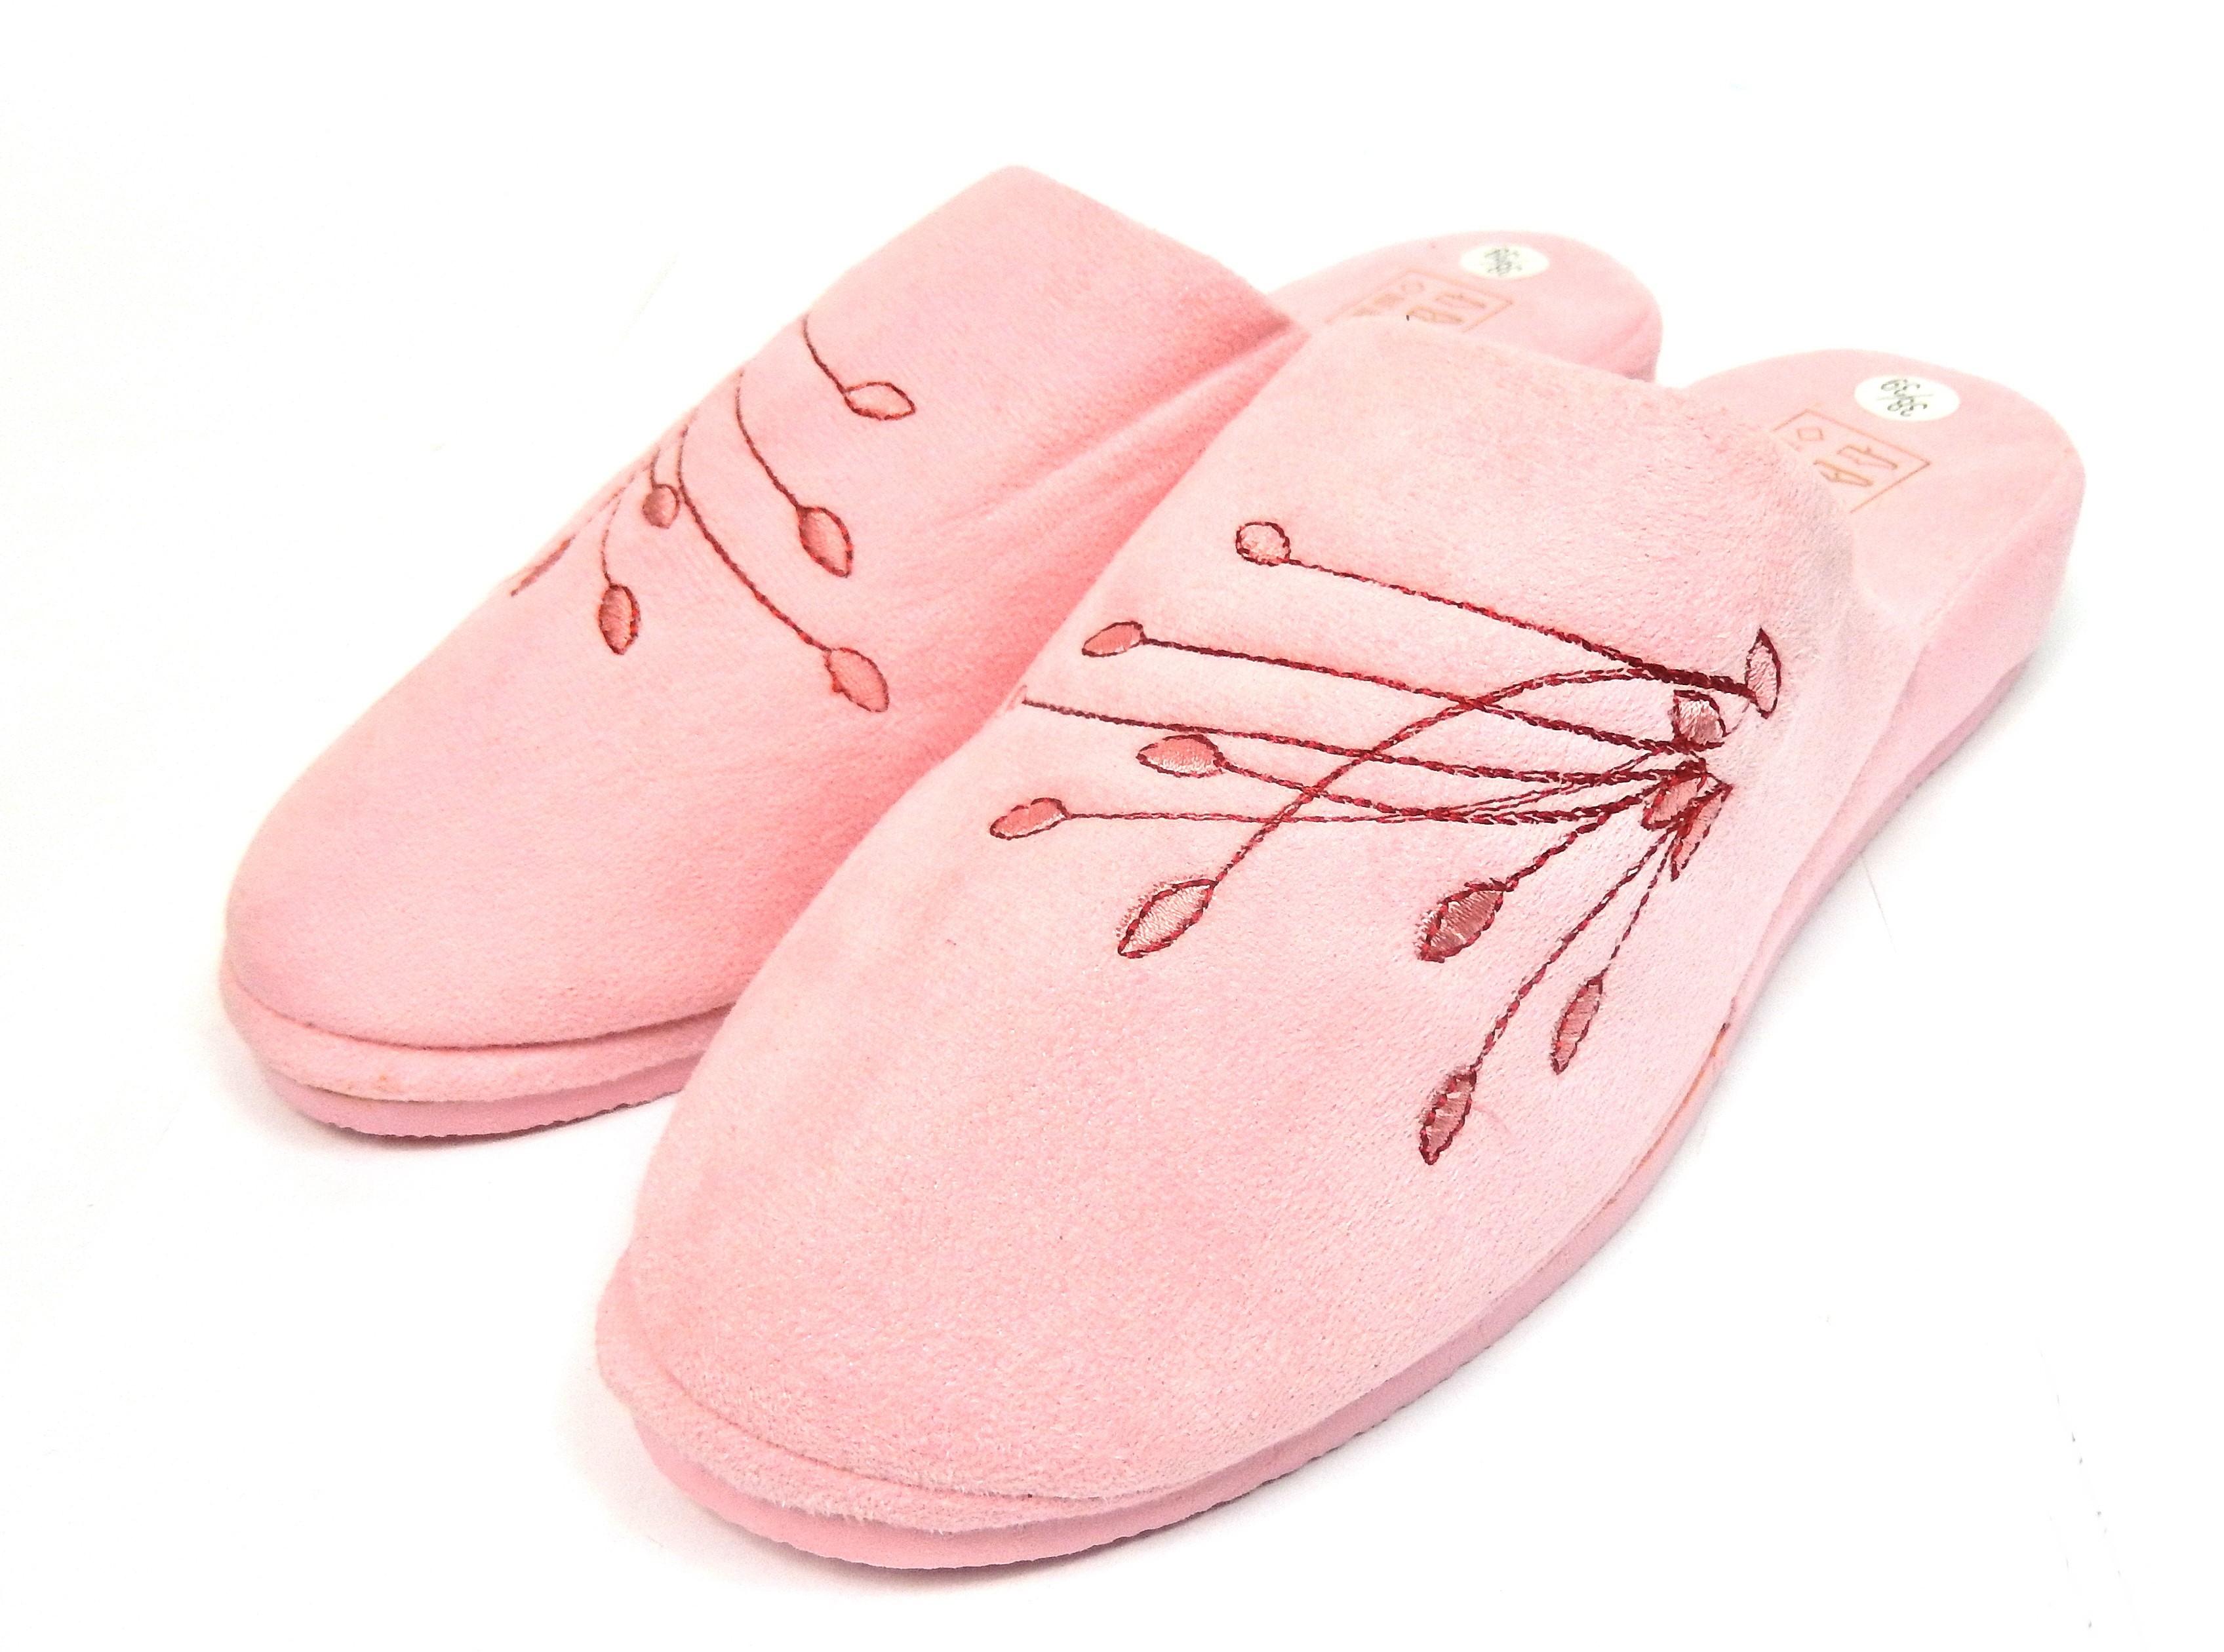 Pantoufles chaussons mules femme rose fleurs en bouton - Shopping-affaires 8d5ab392a5e9